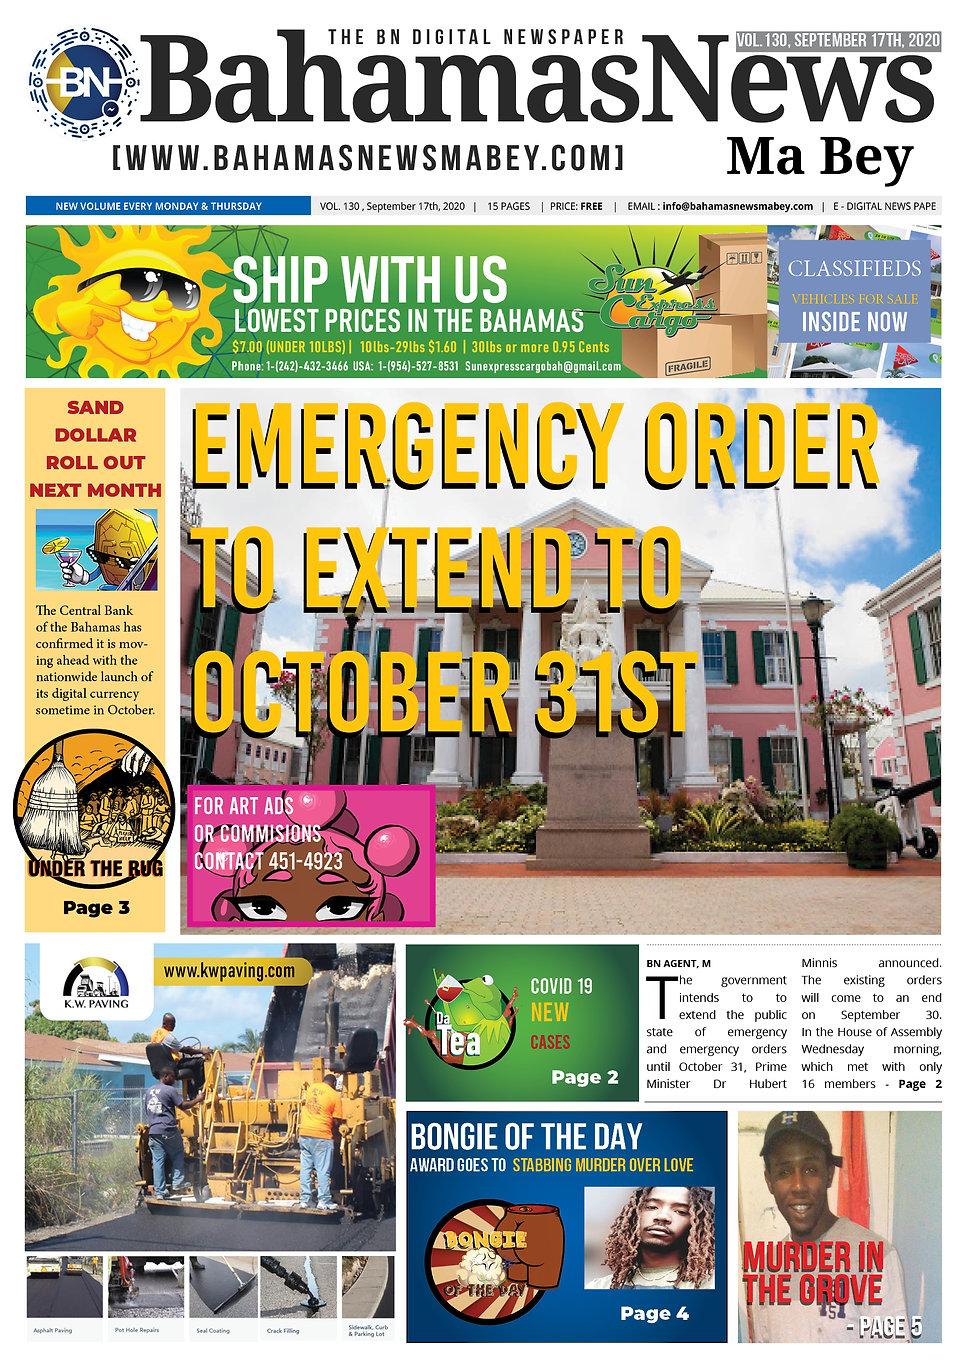 BN News Paper - September 17th 2020 - Vo